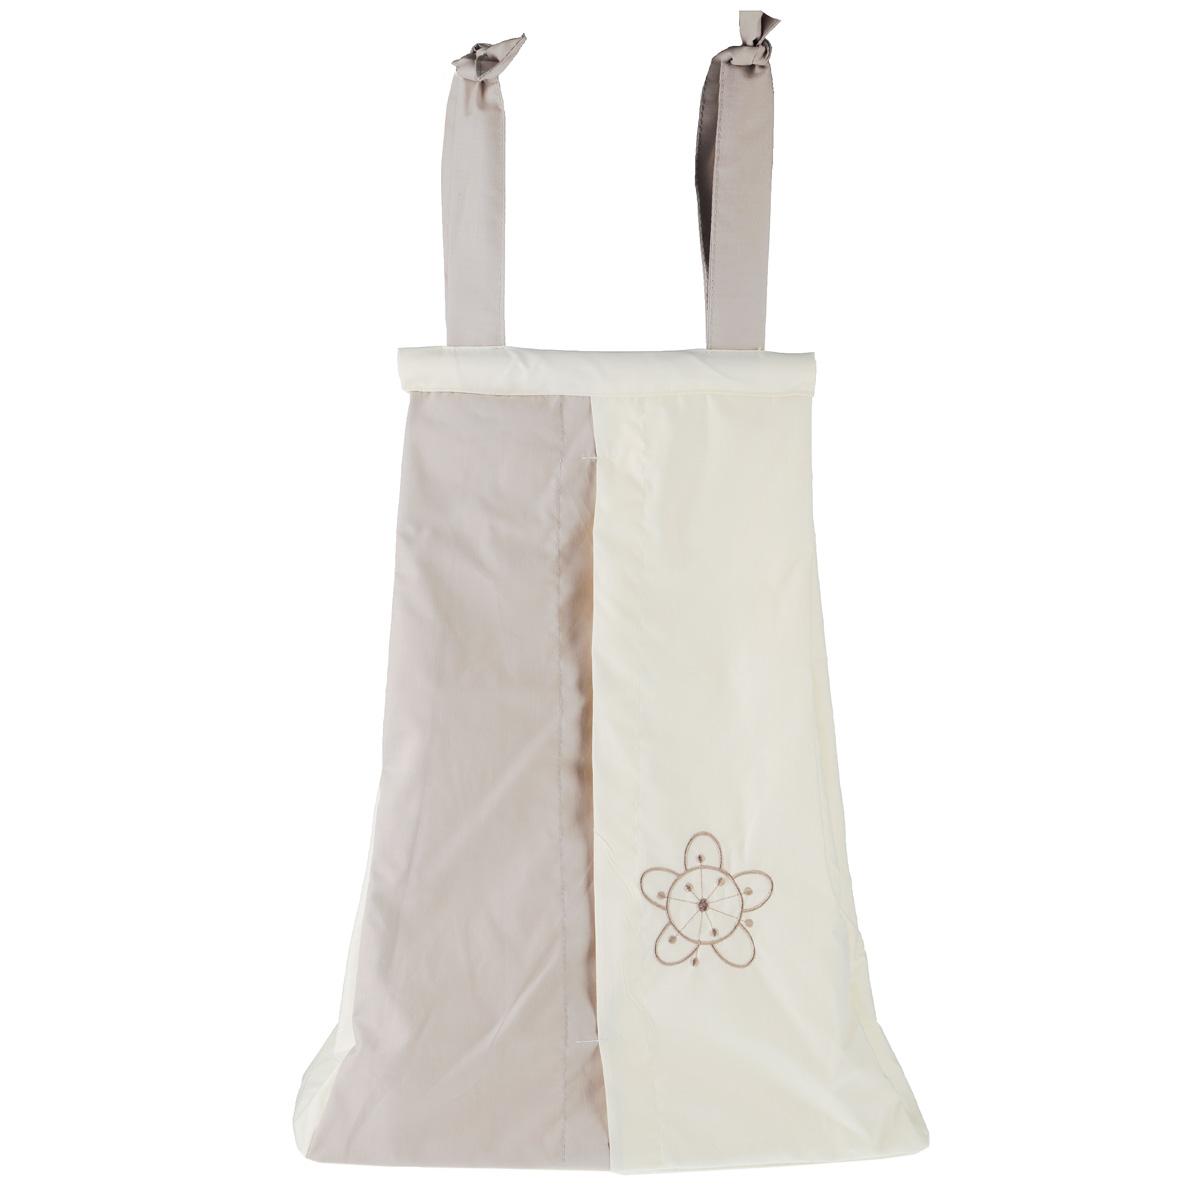 Сумка для пеленок и подгузников Fairy Волшебная полянка, цвет: бежевый, 50 см х 40 см карманы и панно fairy сумка для пеленок и подгузников жирафик